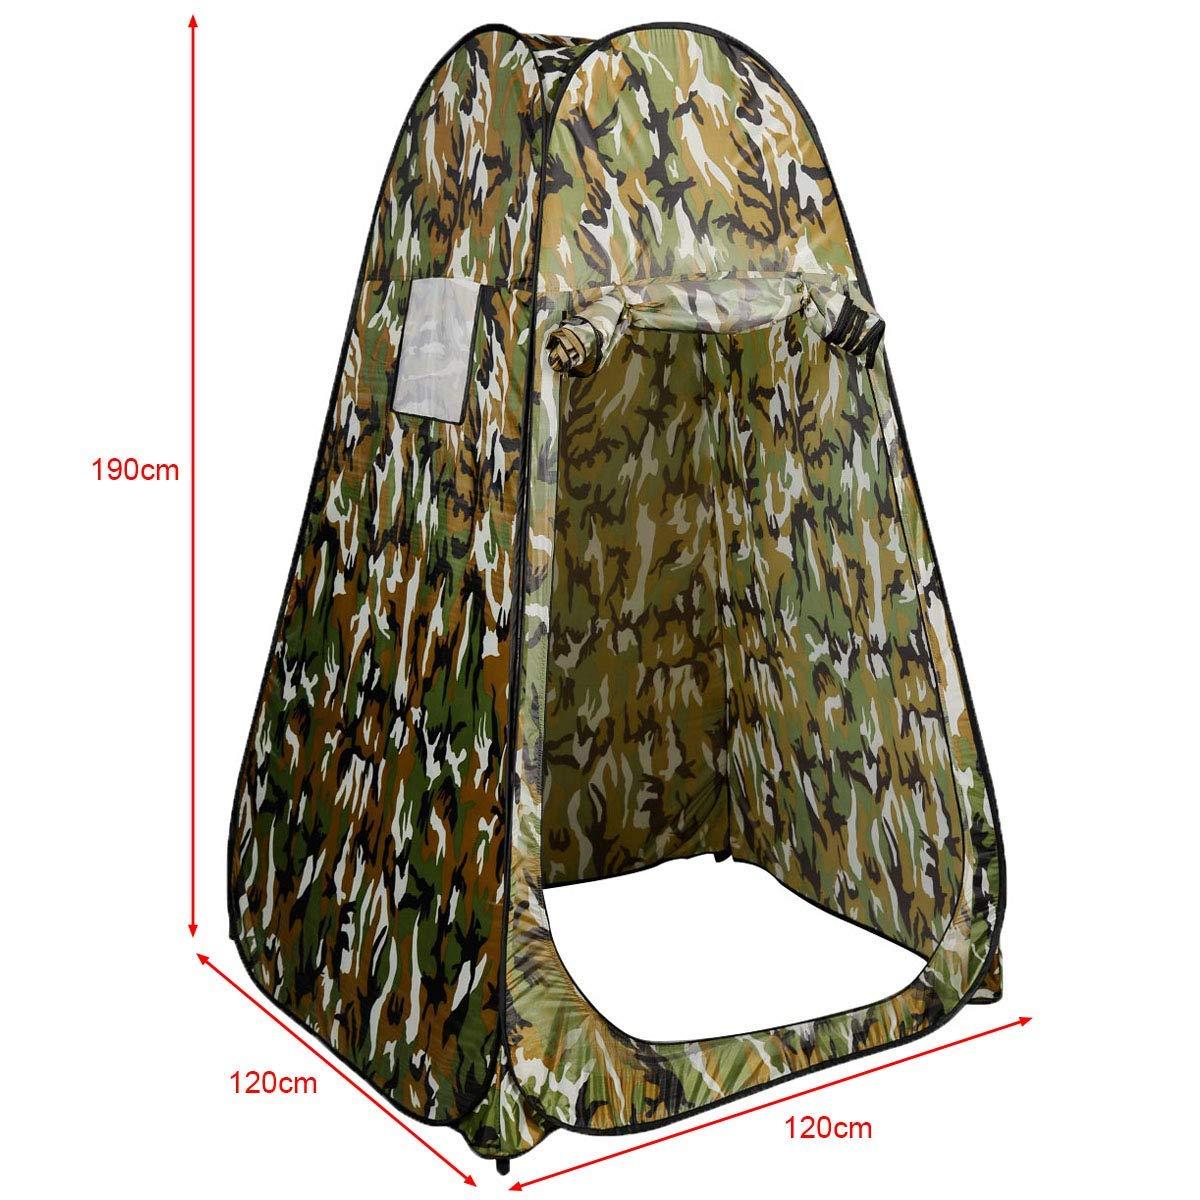 Vestiaire Pi/èce Unique 120 x 120 x 190 cm COSTWAY Tente Instantan/ée de Douche Pop Up Toilette Portable pour Camping